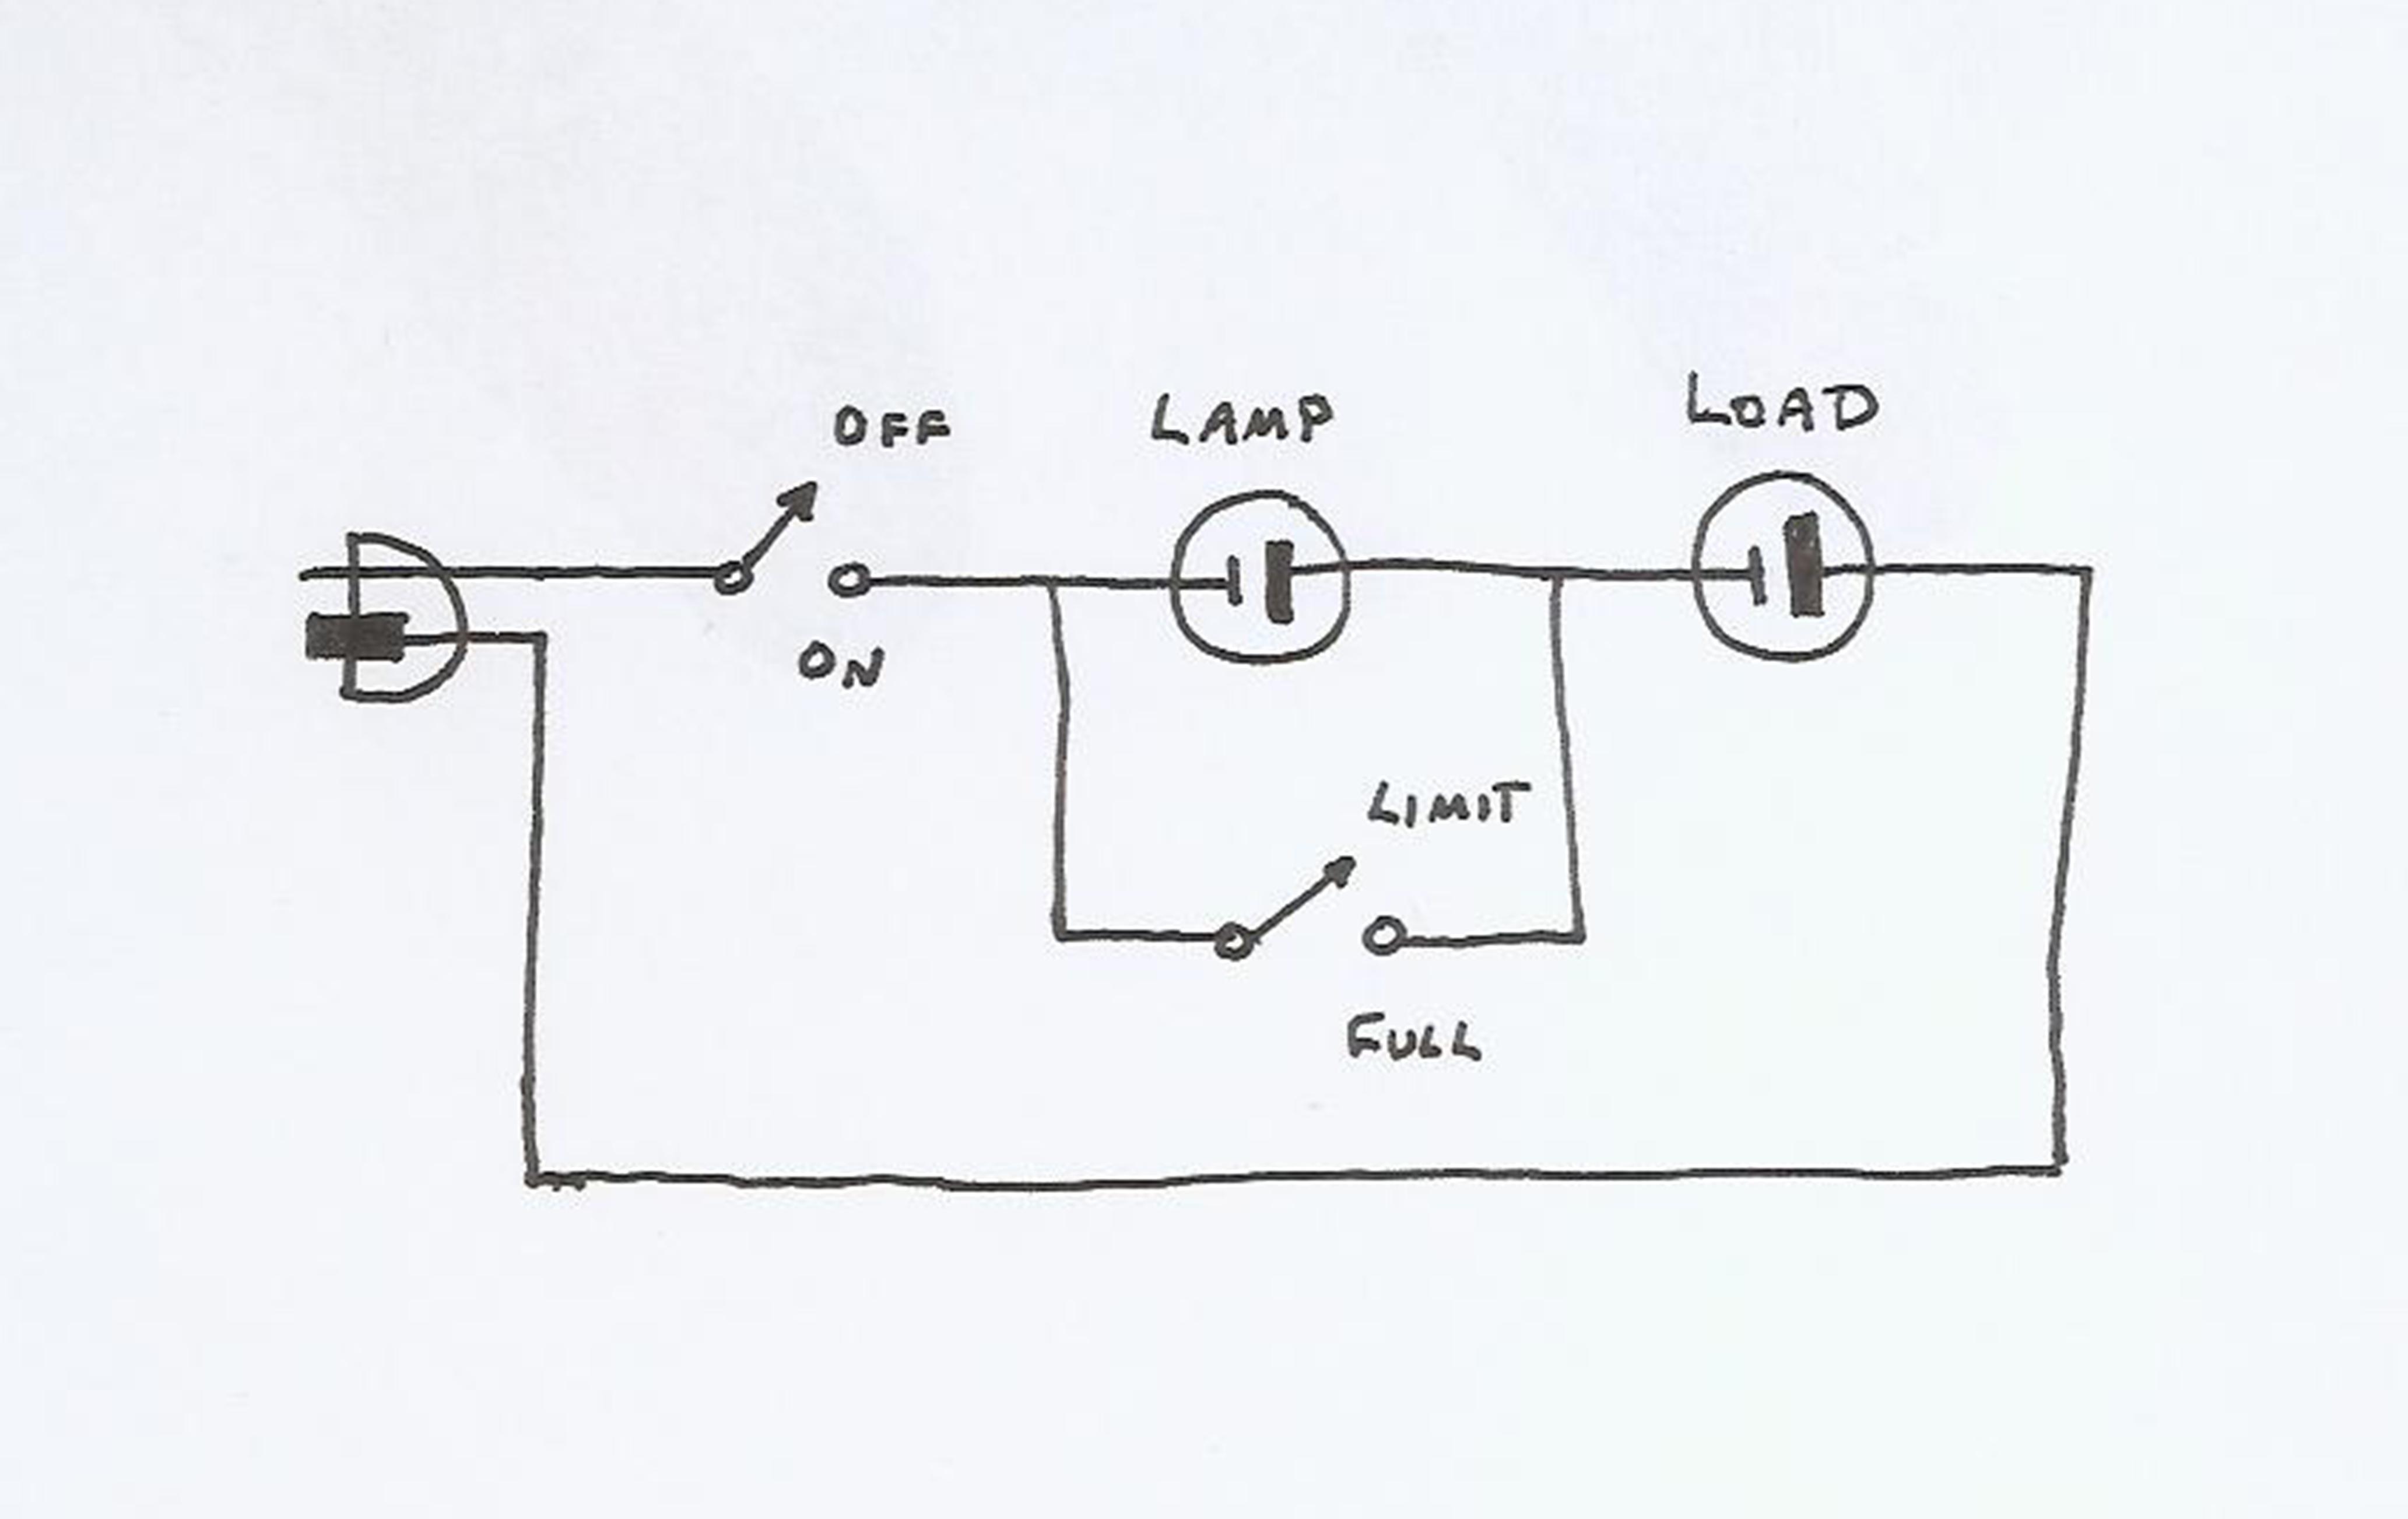 [dim bulb] [circuit diagram]